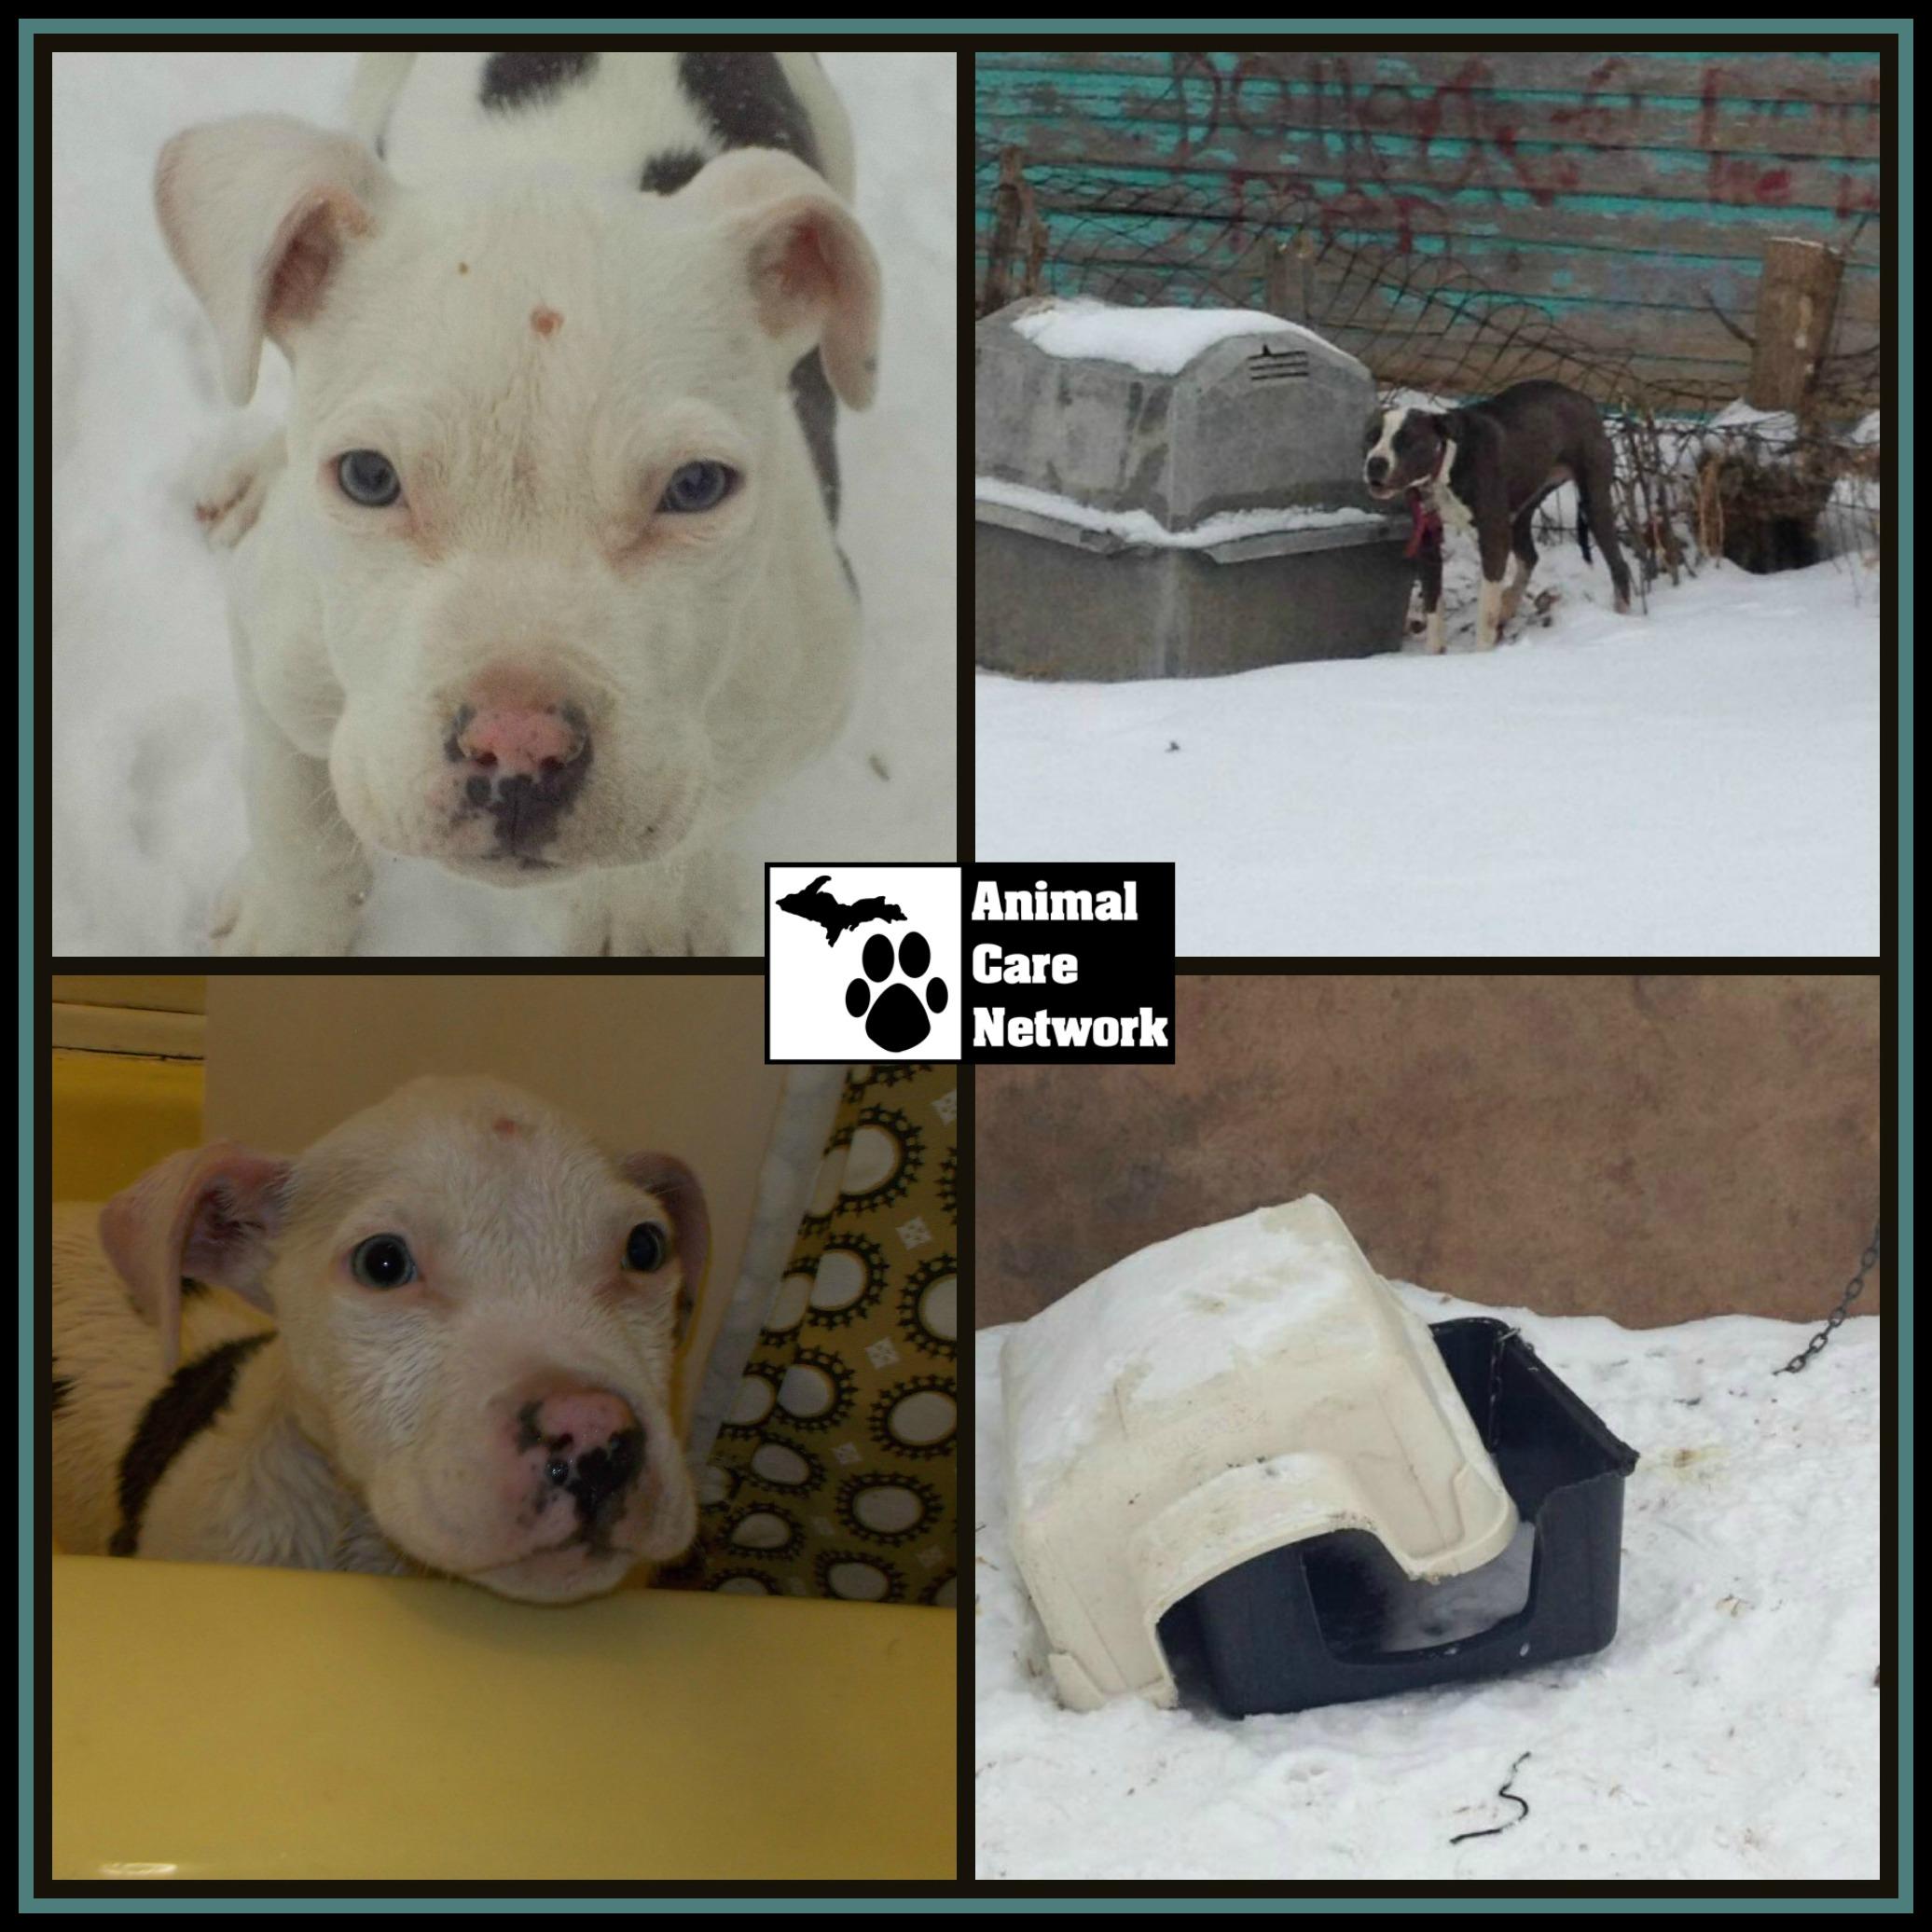 February 5 2014 PicMonkey Collage